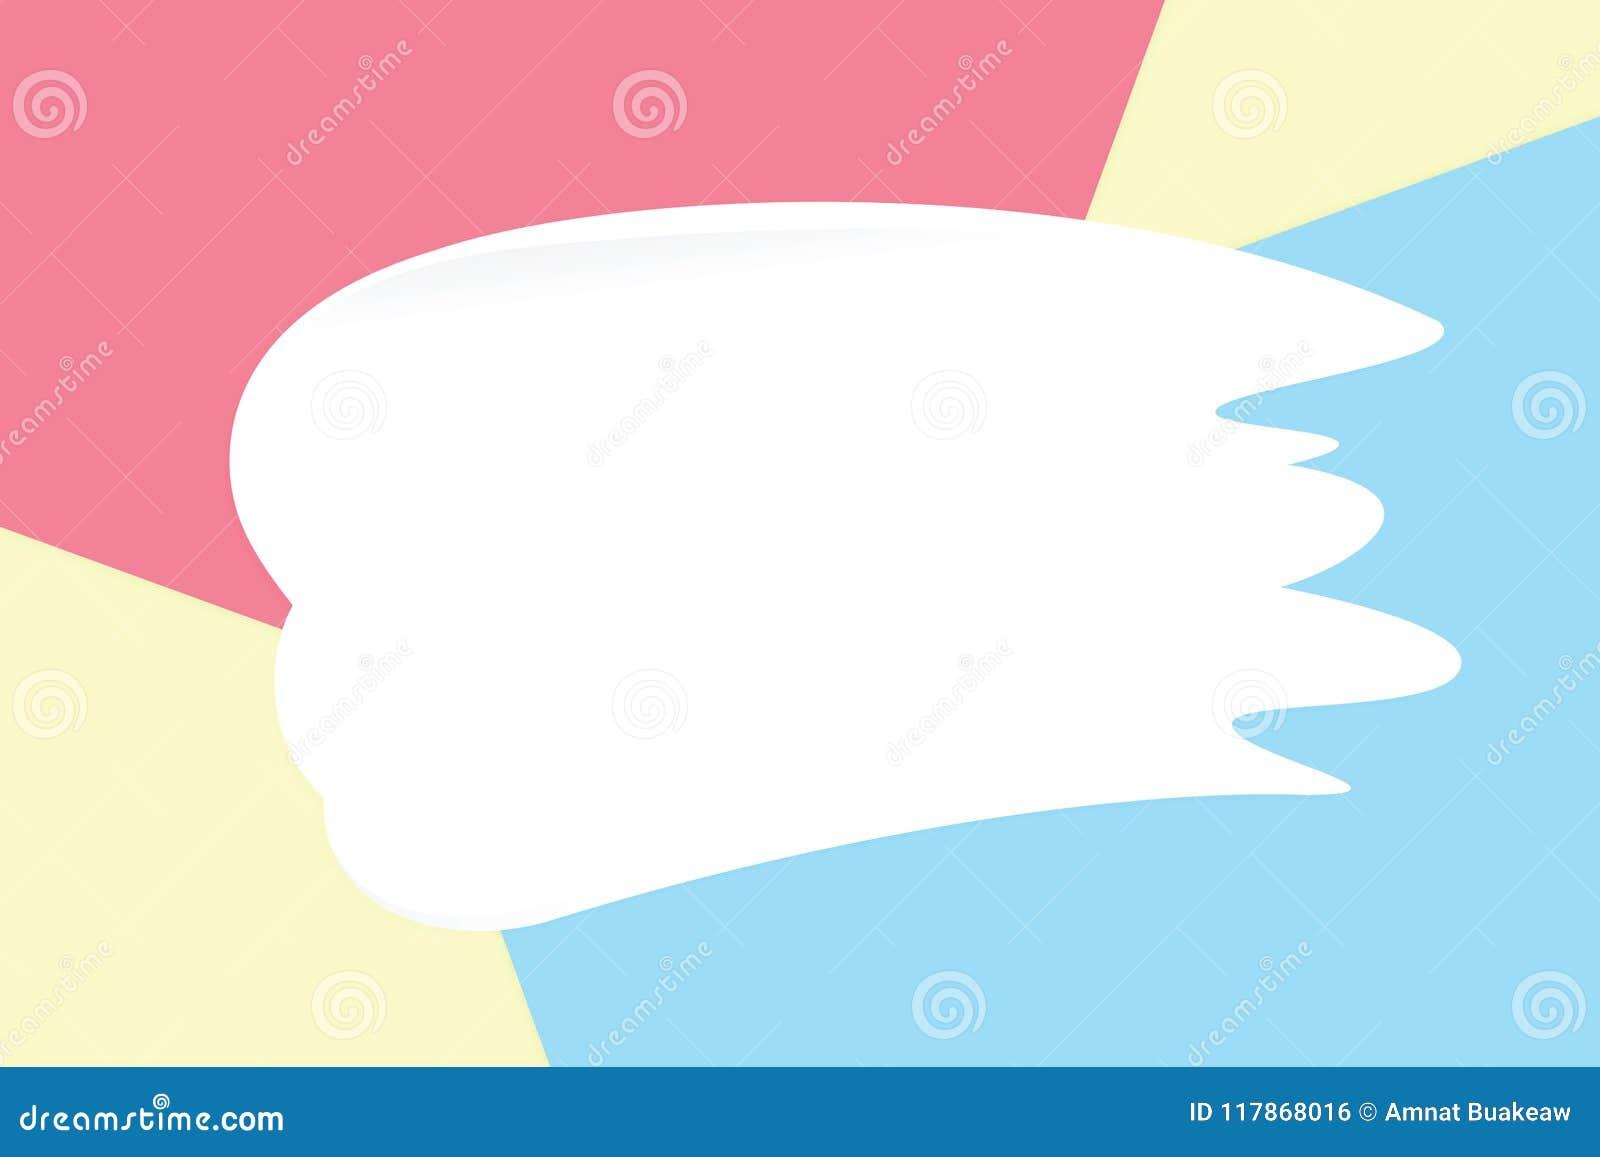 Белая сливк мазка на красочных пастельных мягких бумажных косметиках предпосылки для экземпляра размечает сообщение, минимальный